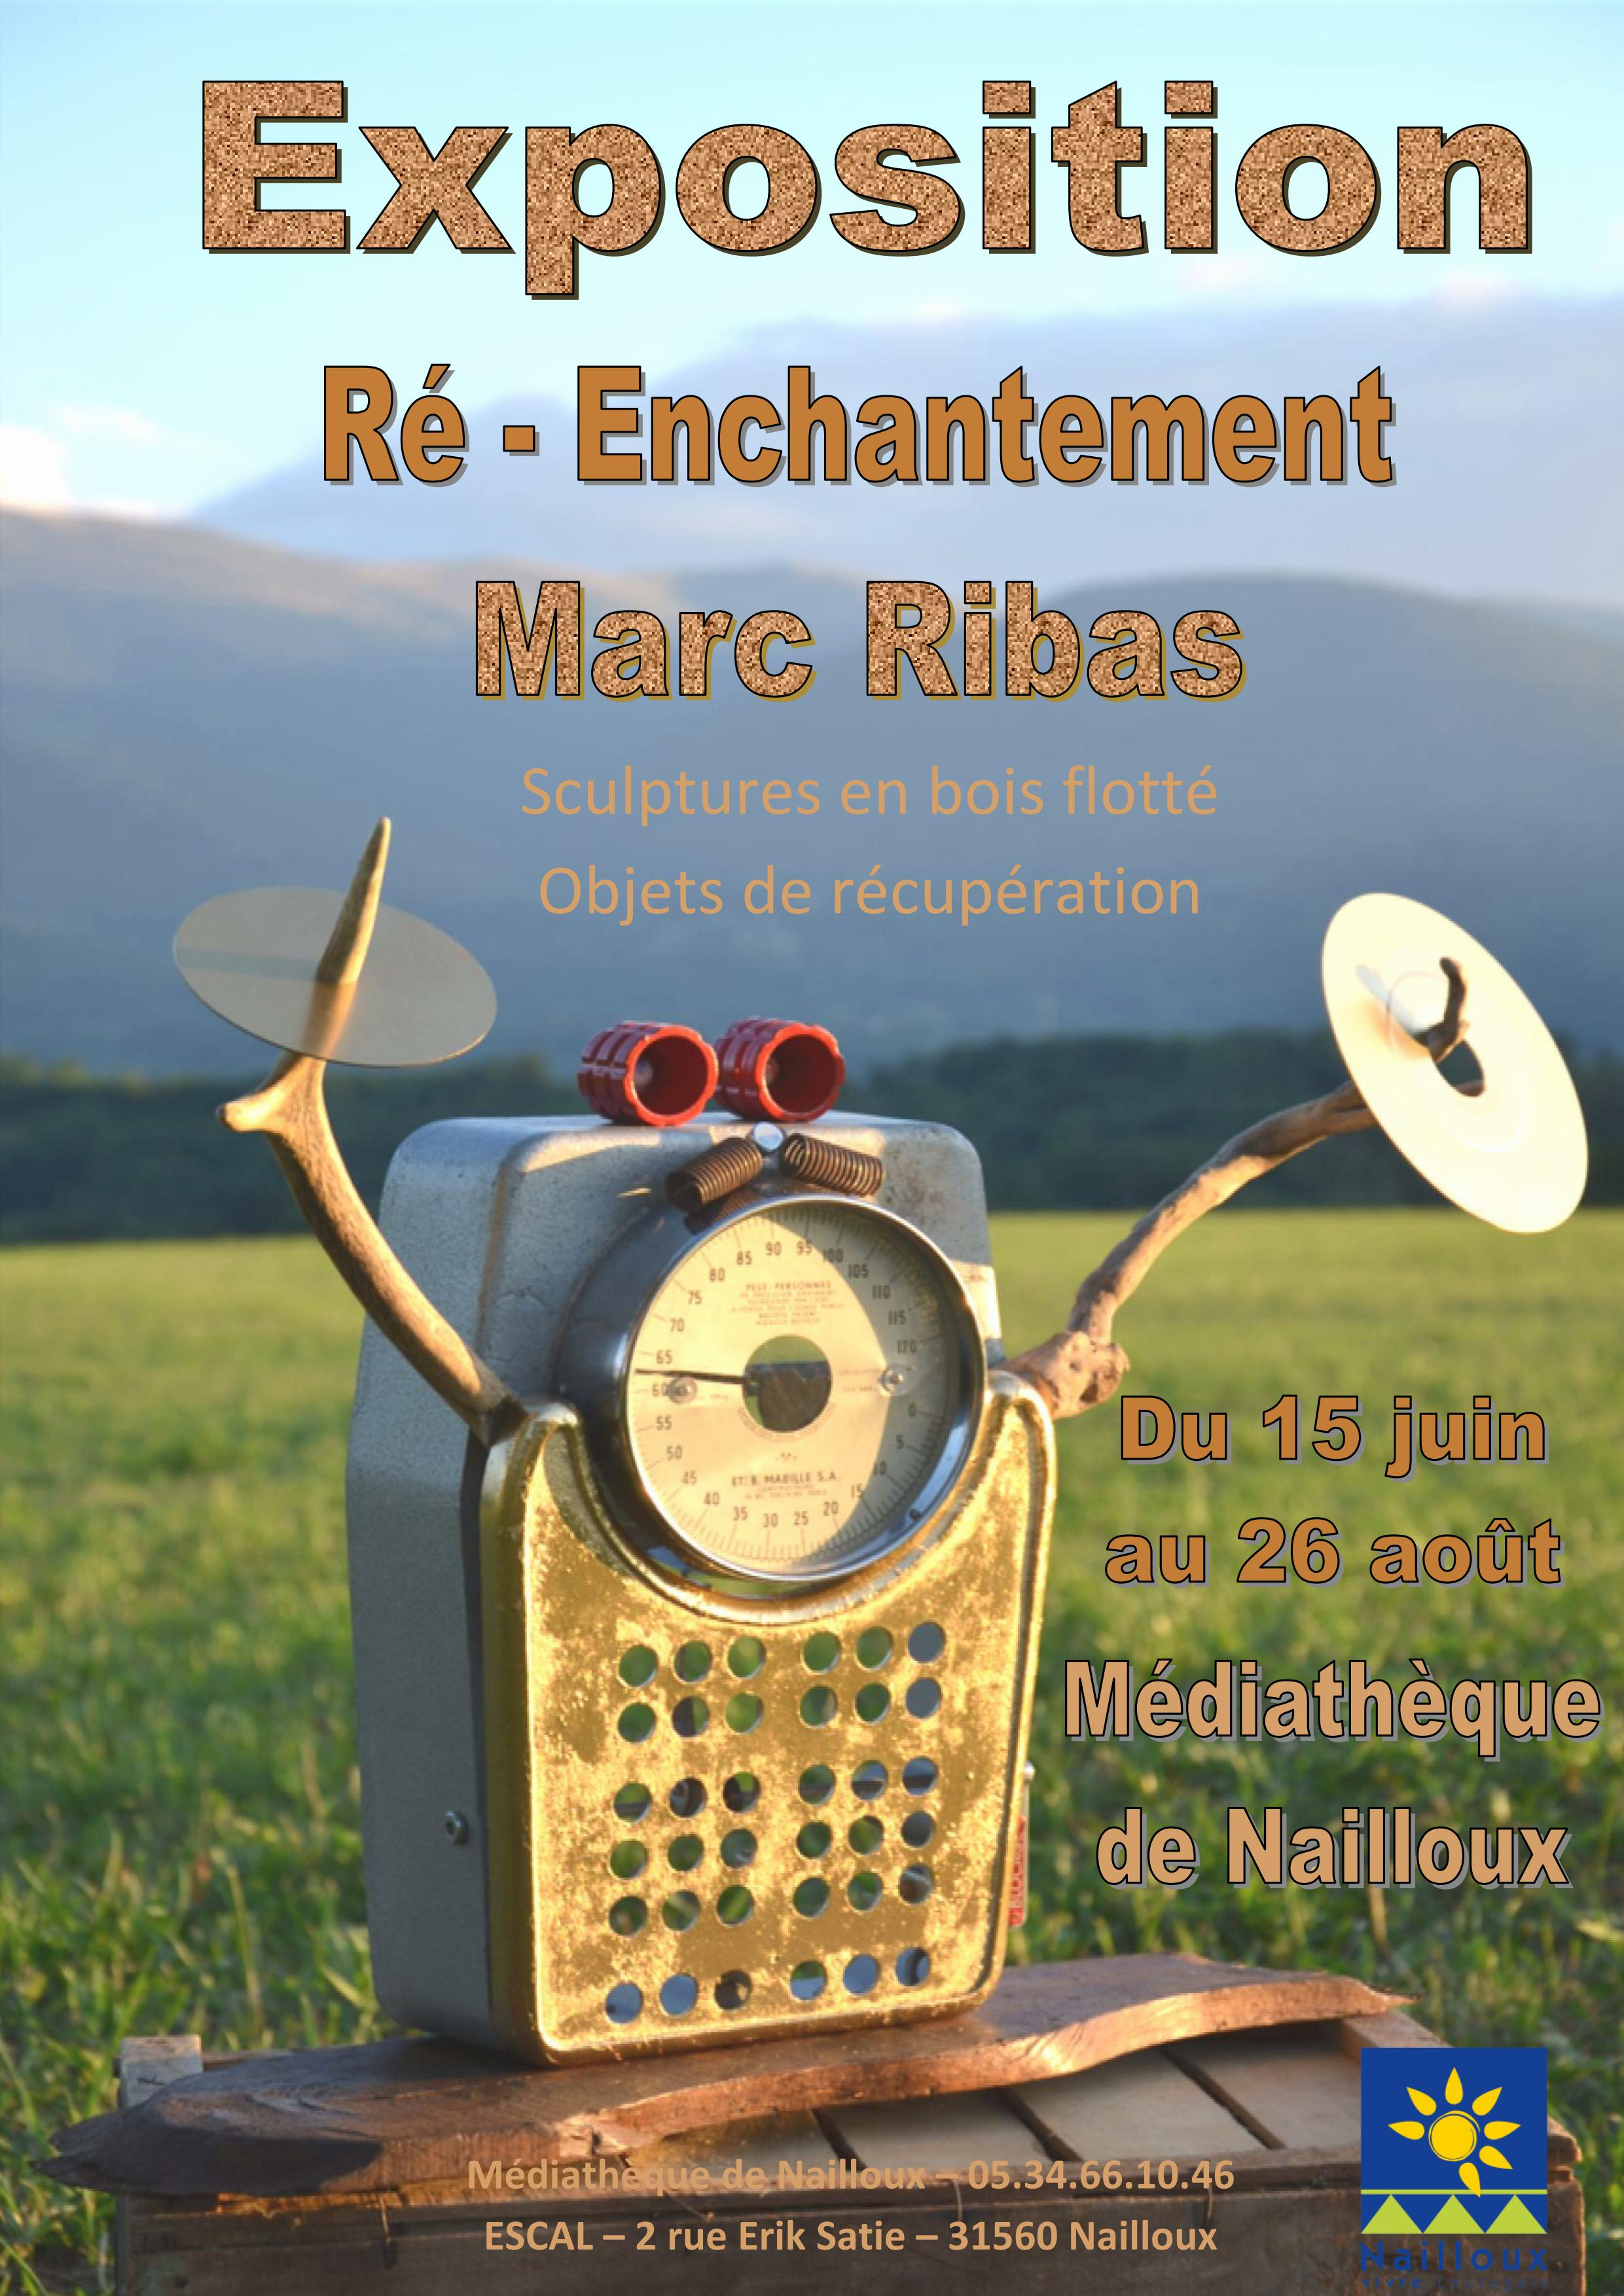 Ré-Enchantement - Marc Ribas.